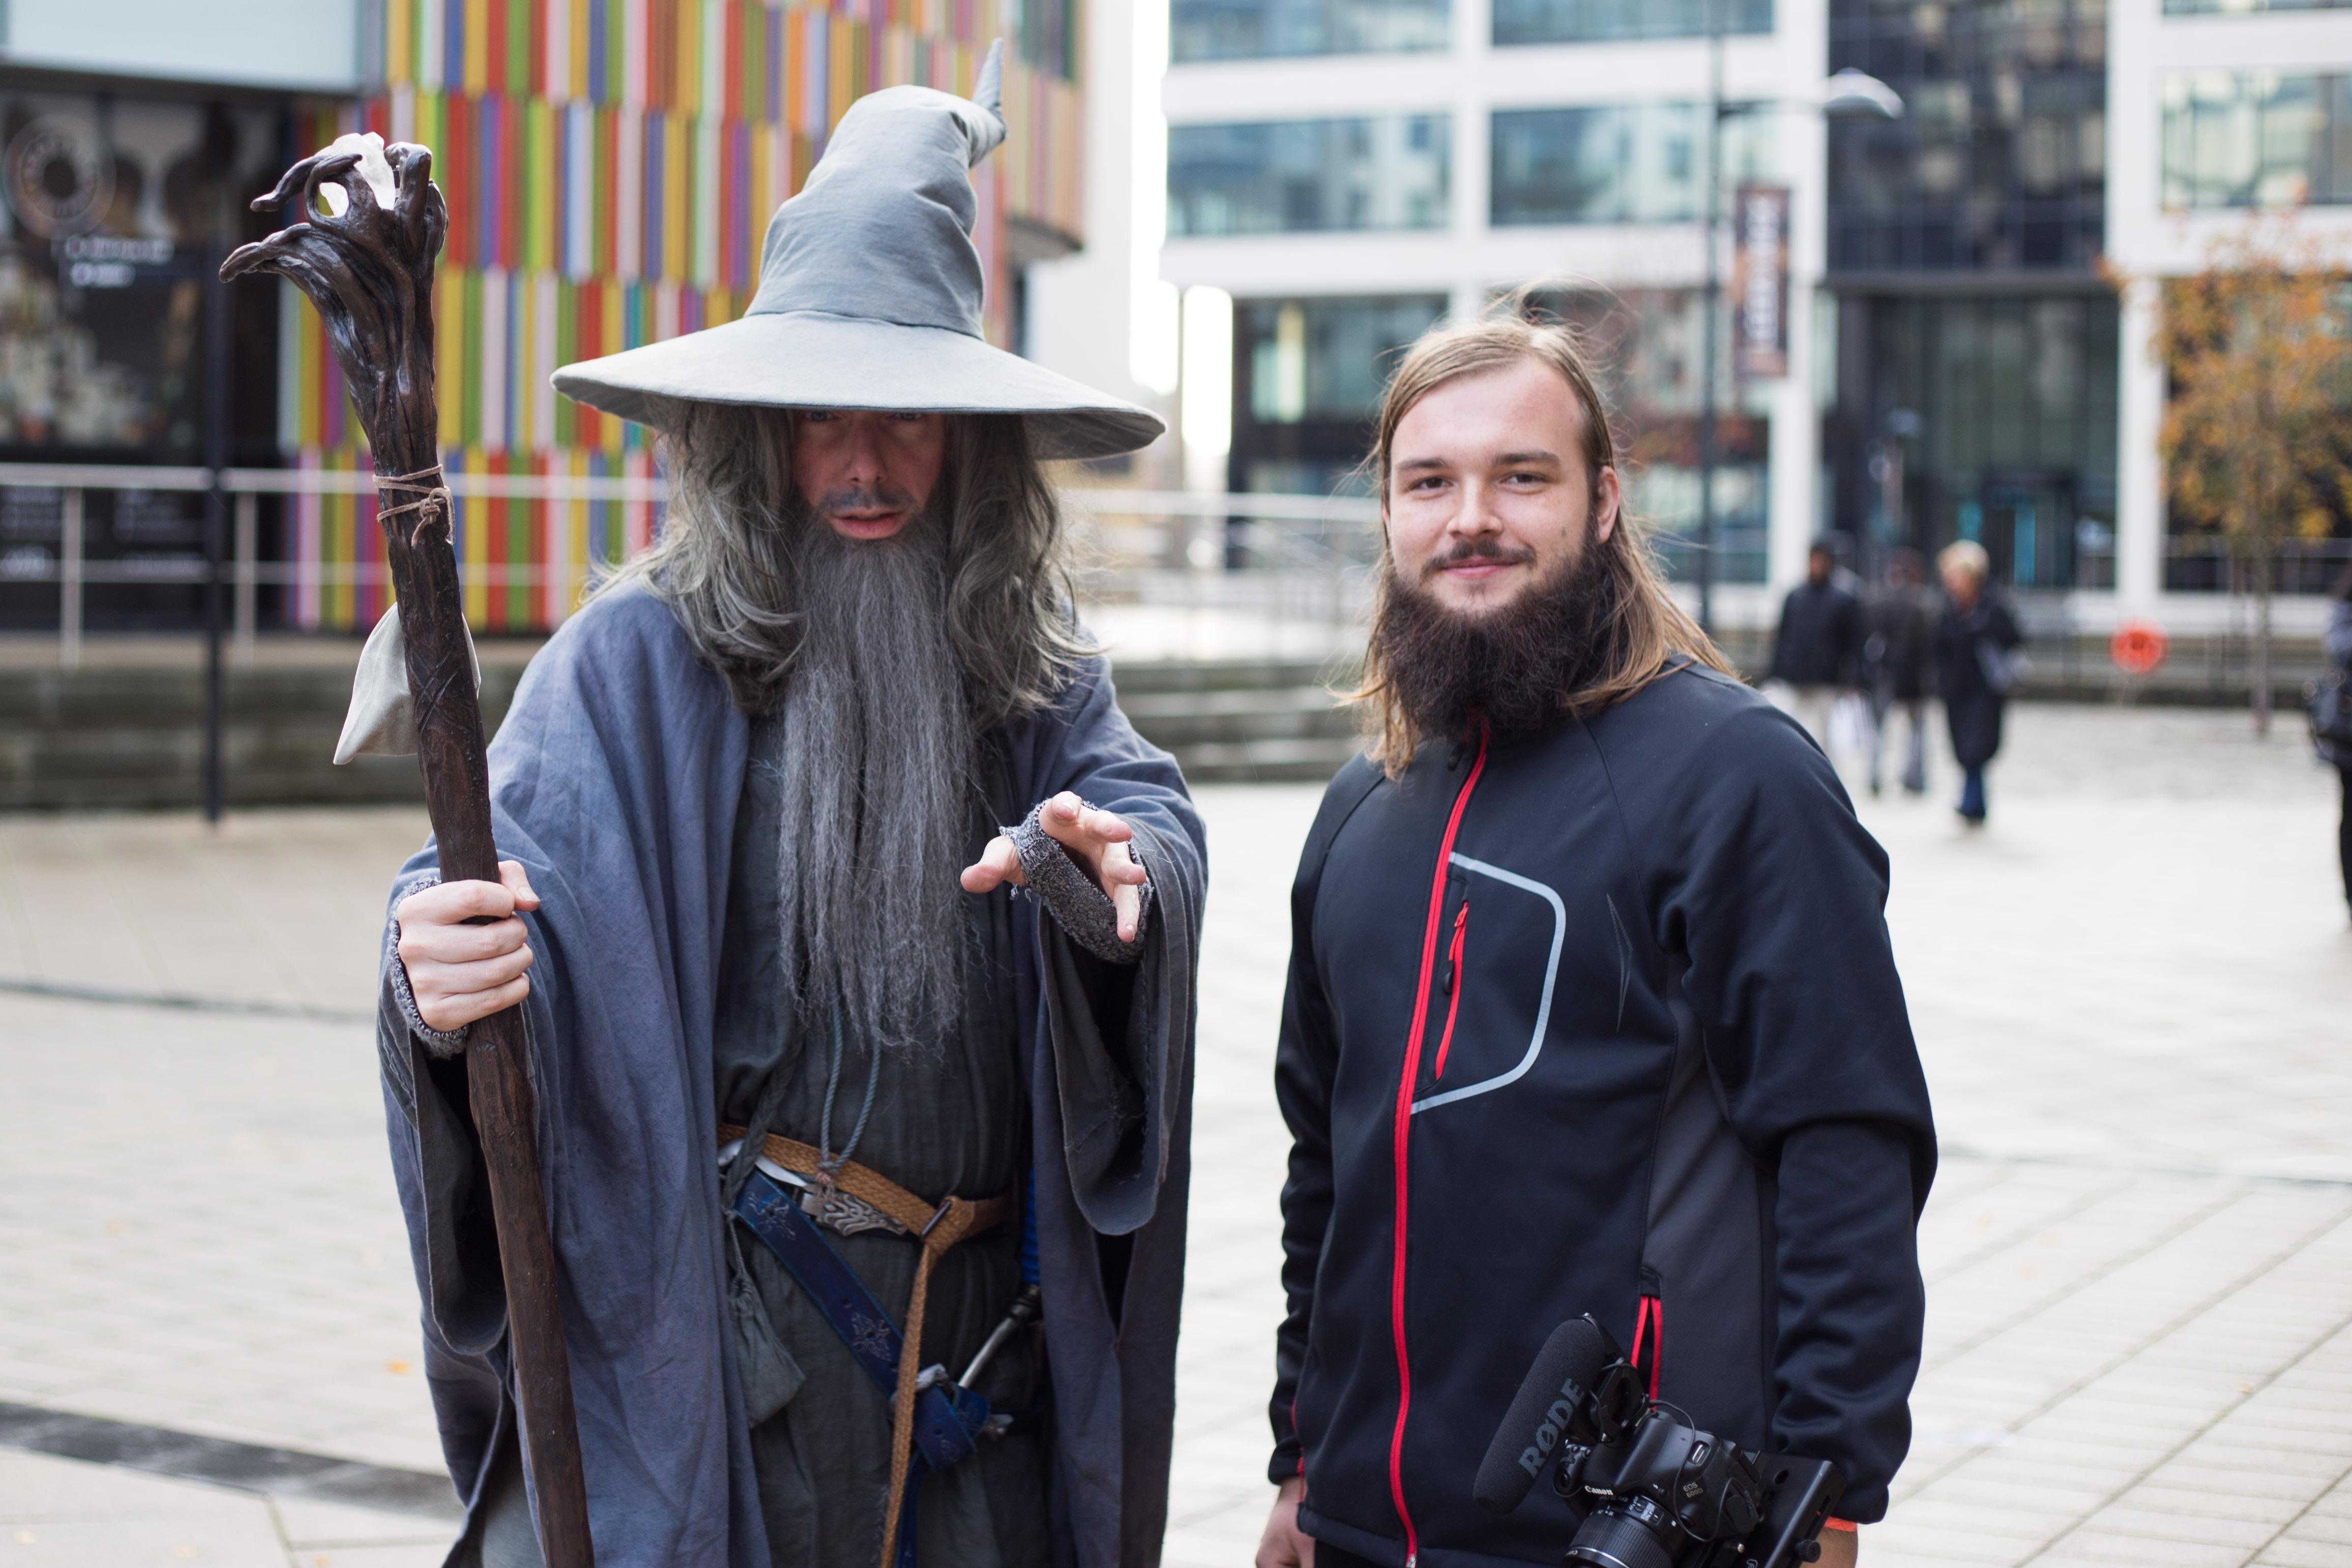 Niektoré kostýmy boli neuveriteľne uveriteľné (Foto: PoP-Cult Magazín)